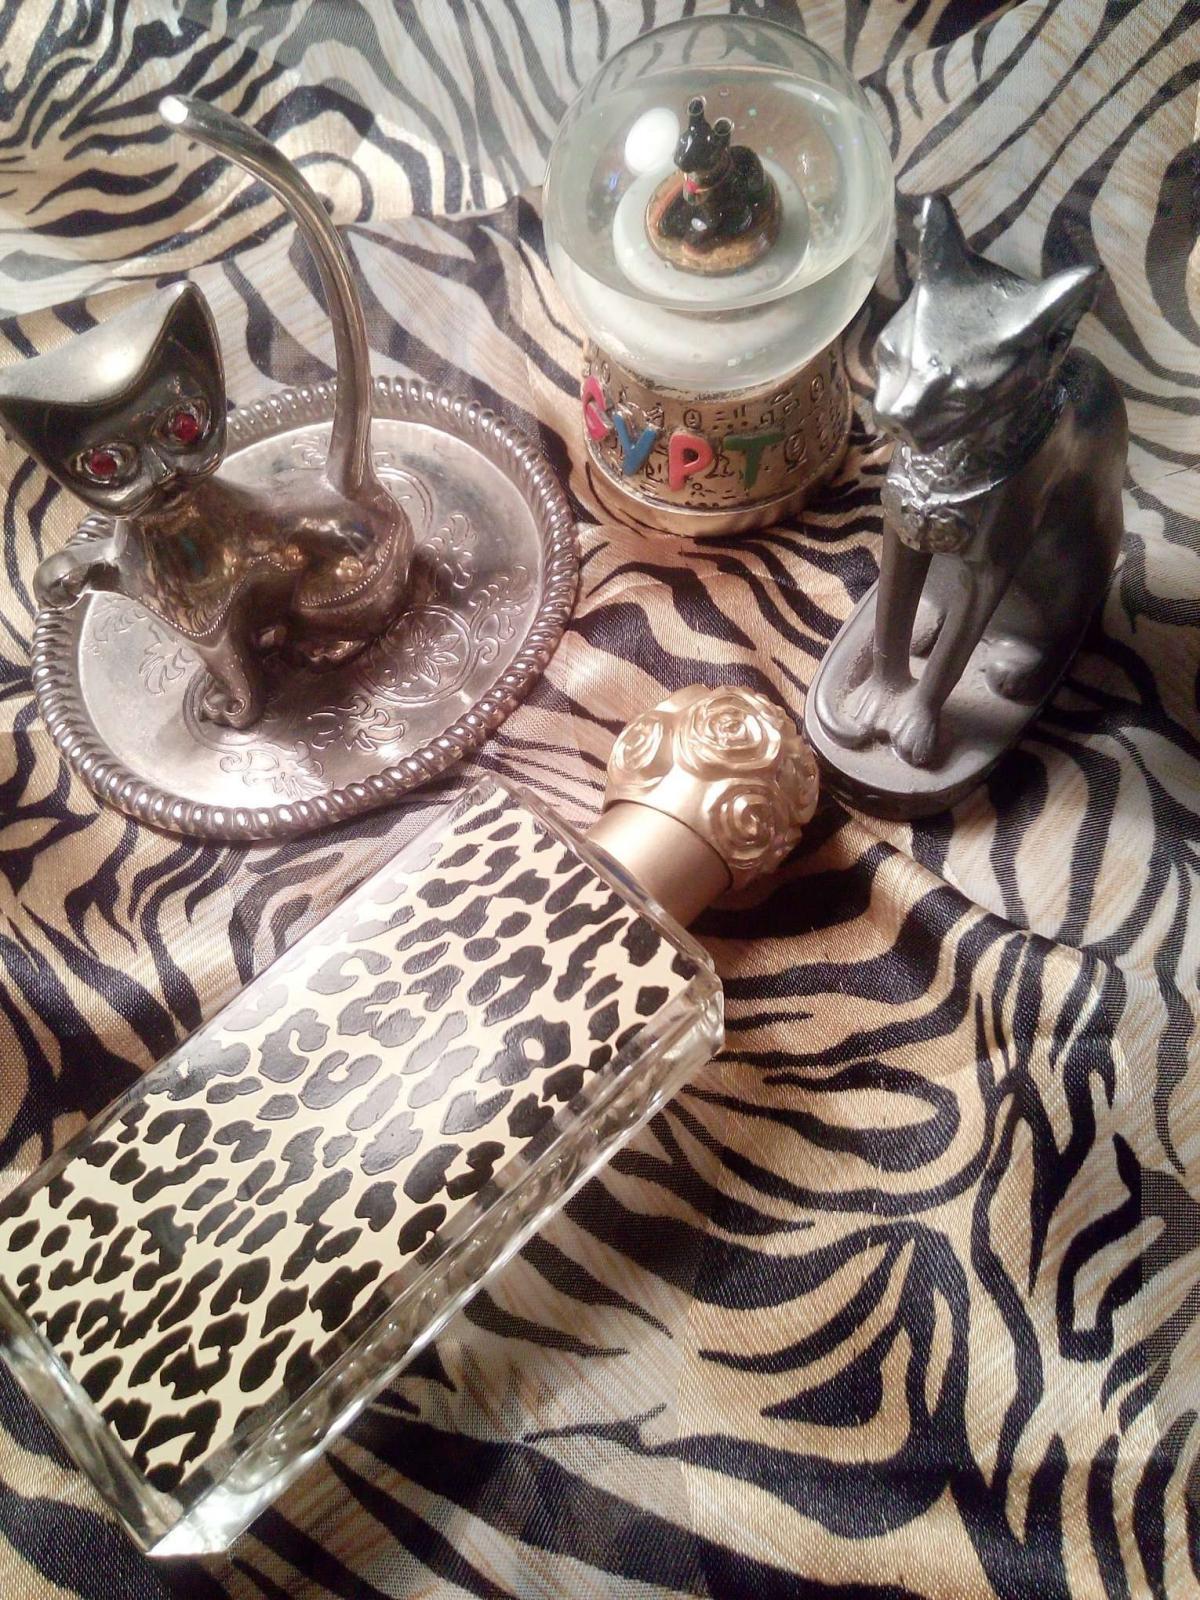 Dali Wild Salvador Dali parfum - een geur voor dames 2013